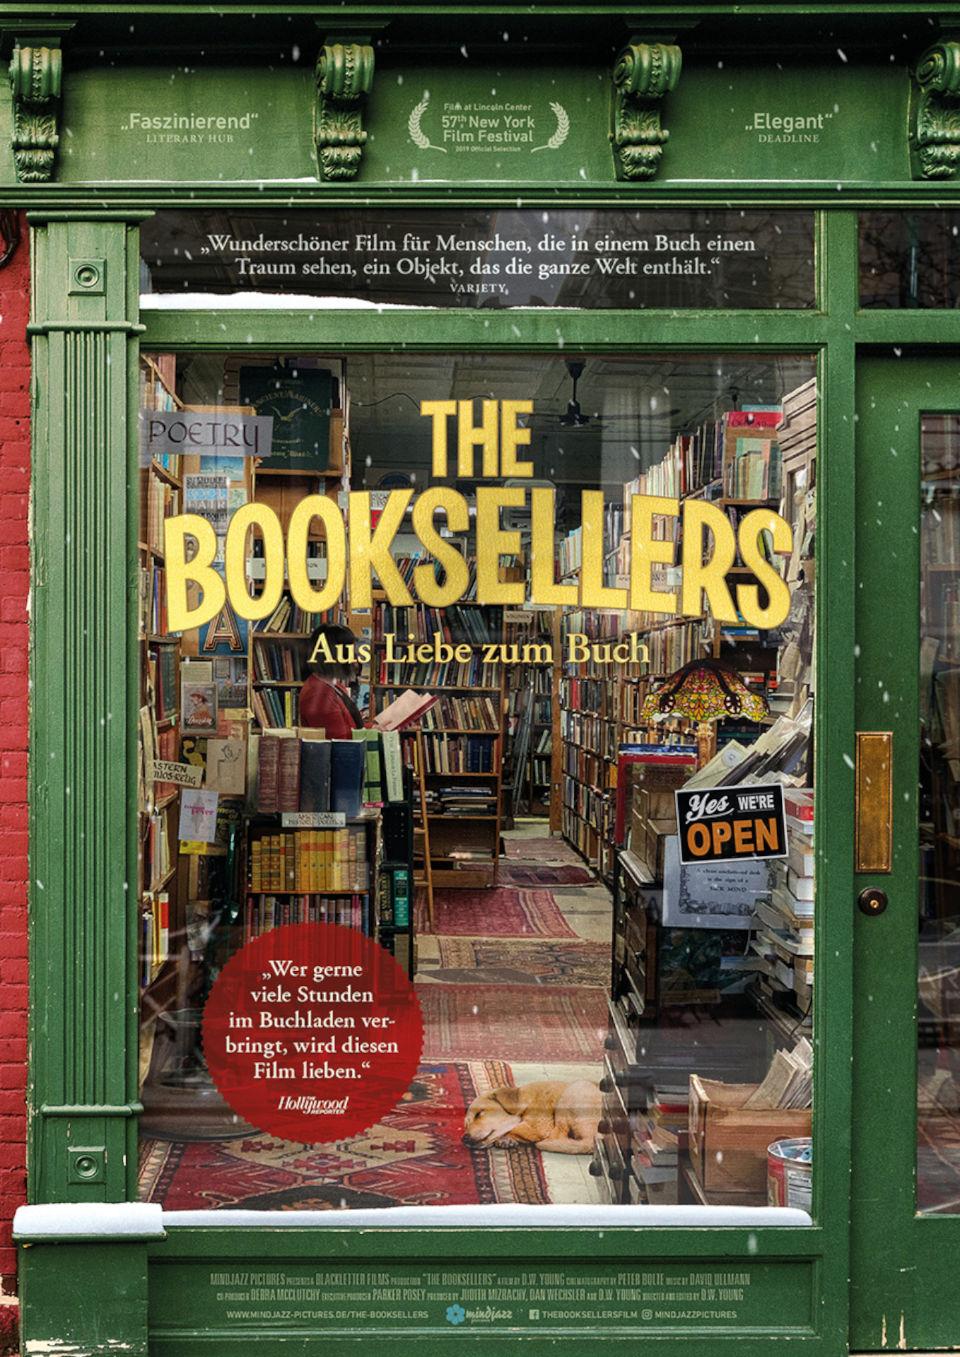 Filmtipp: The Booksellers – aus Liebe zum Buch